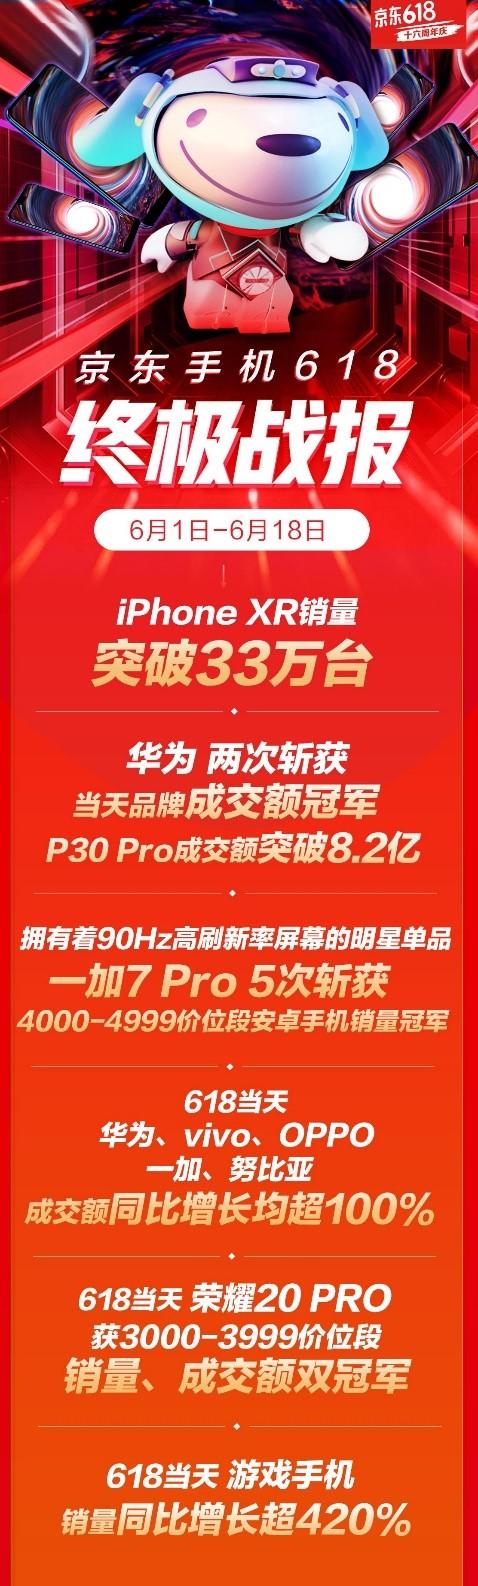 京东手机618终极战报冠军齐聚,主场优势带动国产手机集体崛起